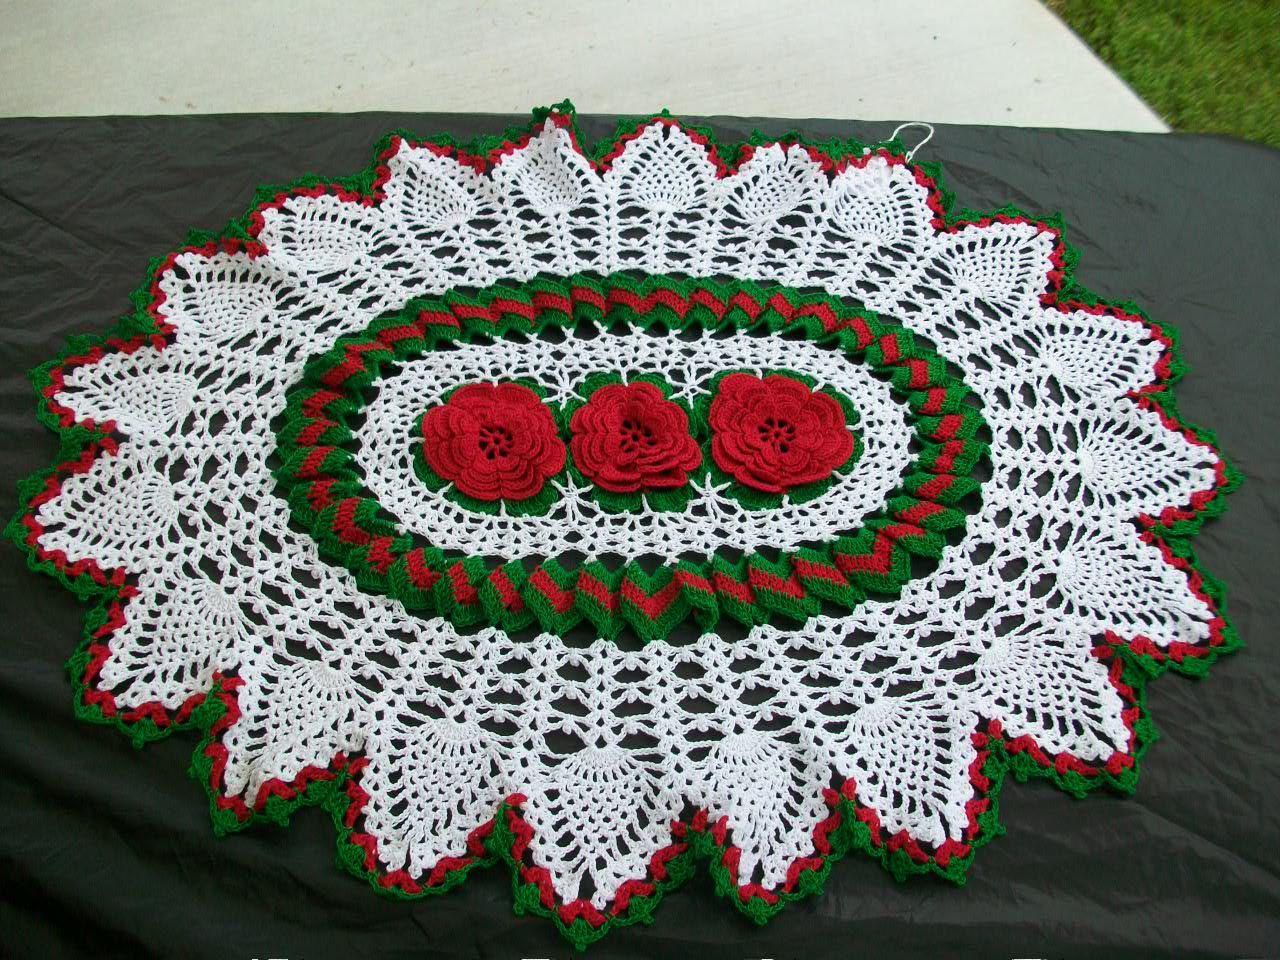 Easy Table Crochet Runner Pattern   Red Roses Oval Table Runner Crochet  Doily Crocheted Handmade Rose